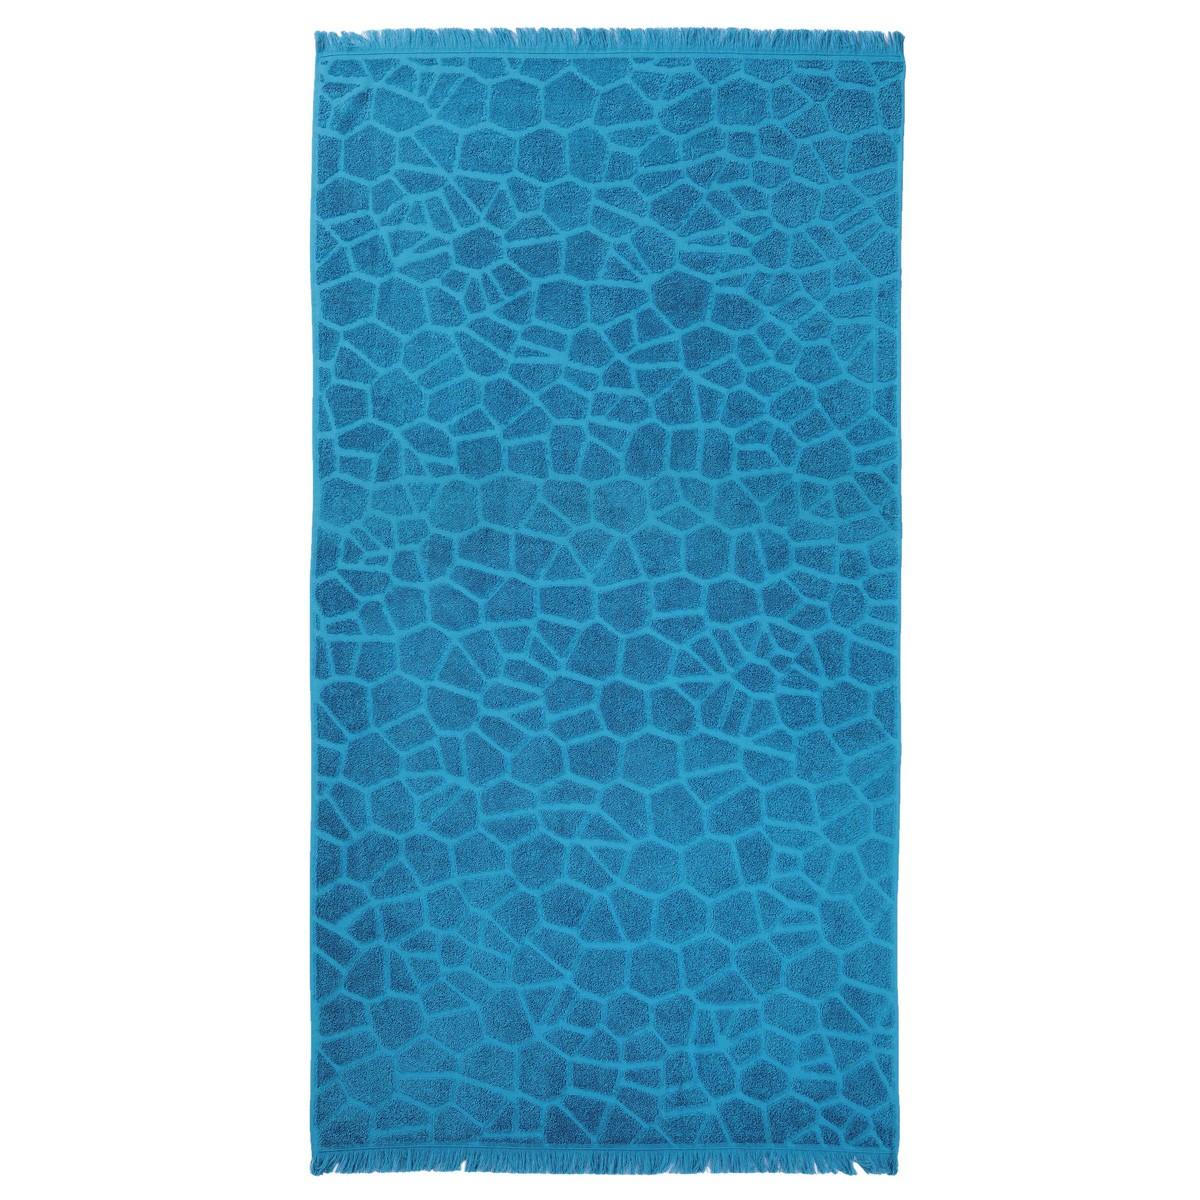 Πετσέτα Θαλάσσης Nima Beach Towels Boracay Jacquard